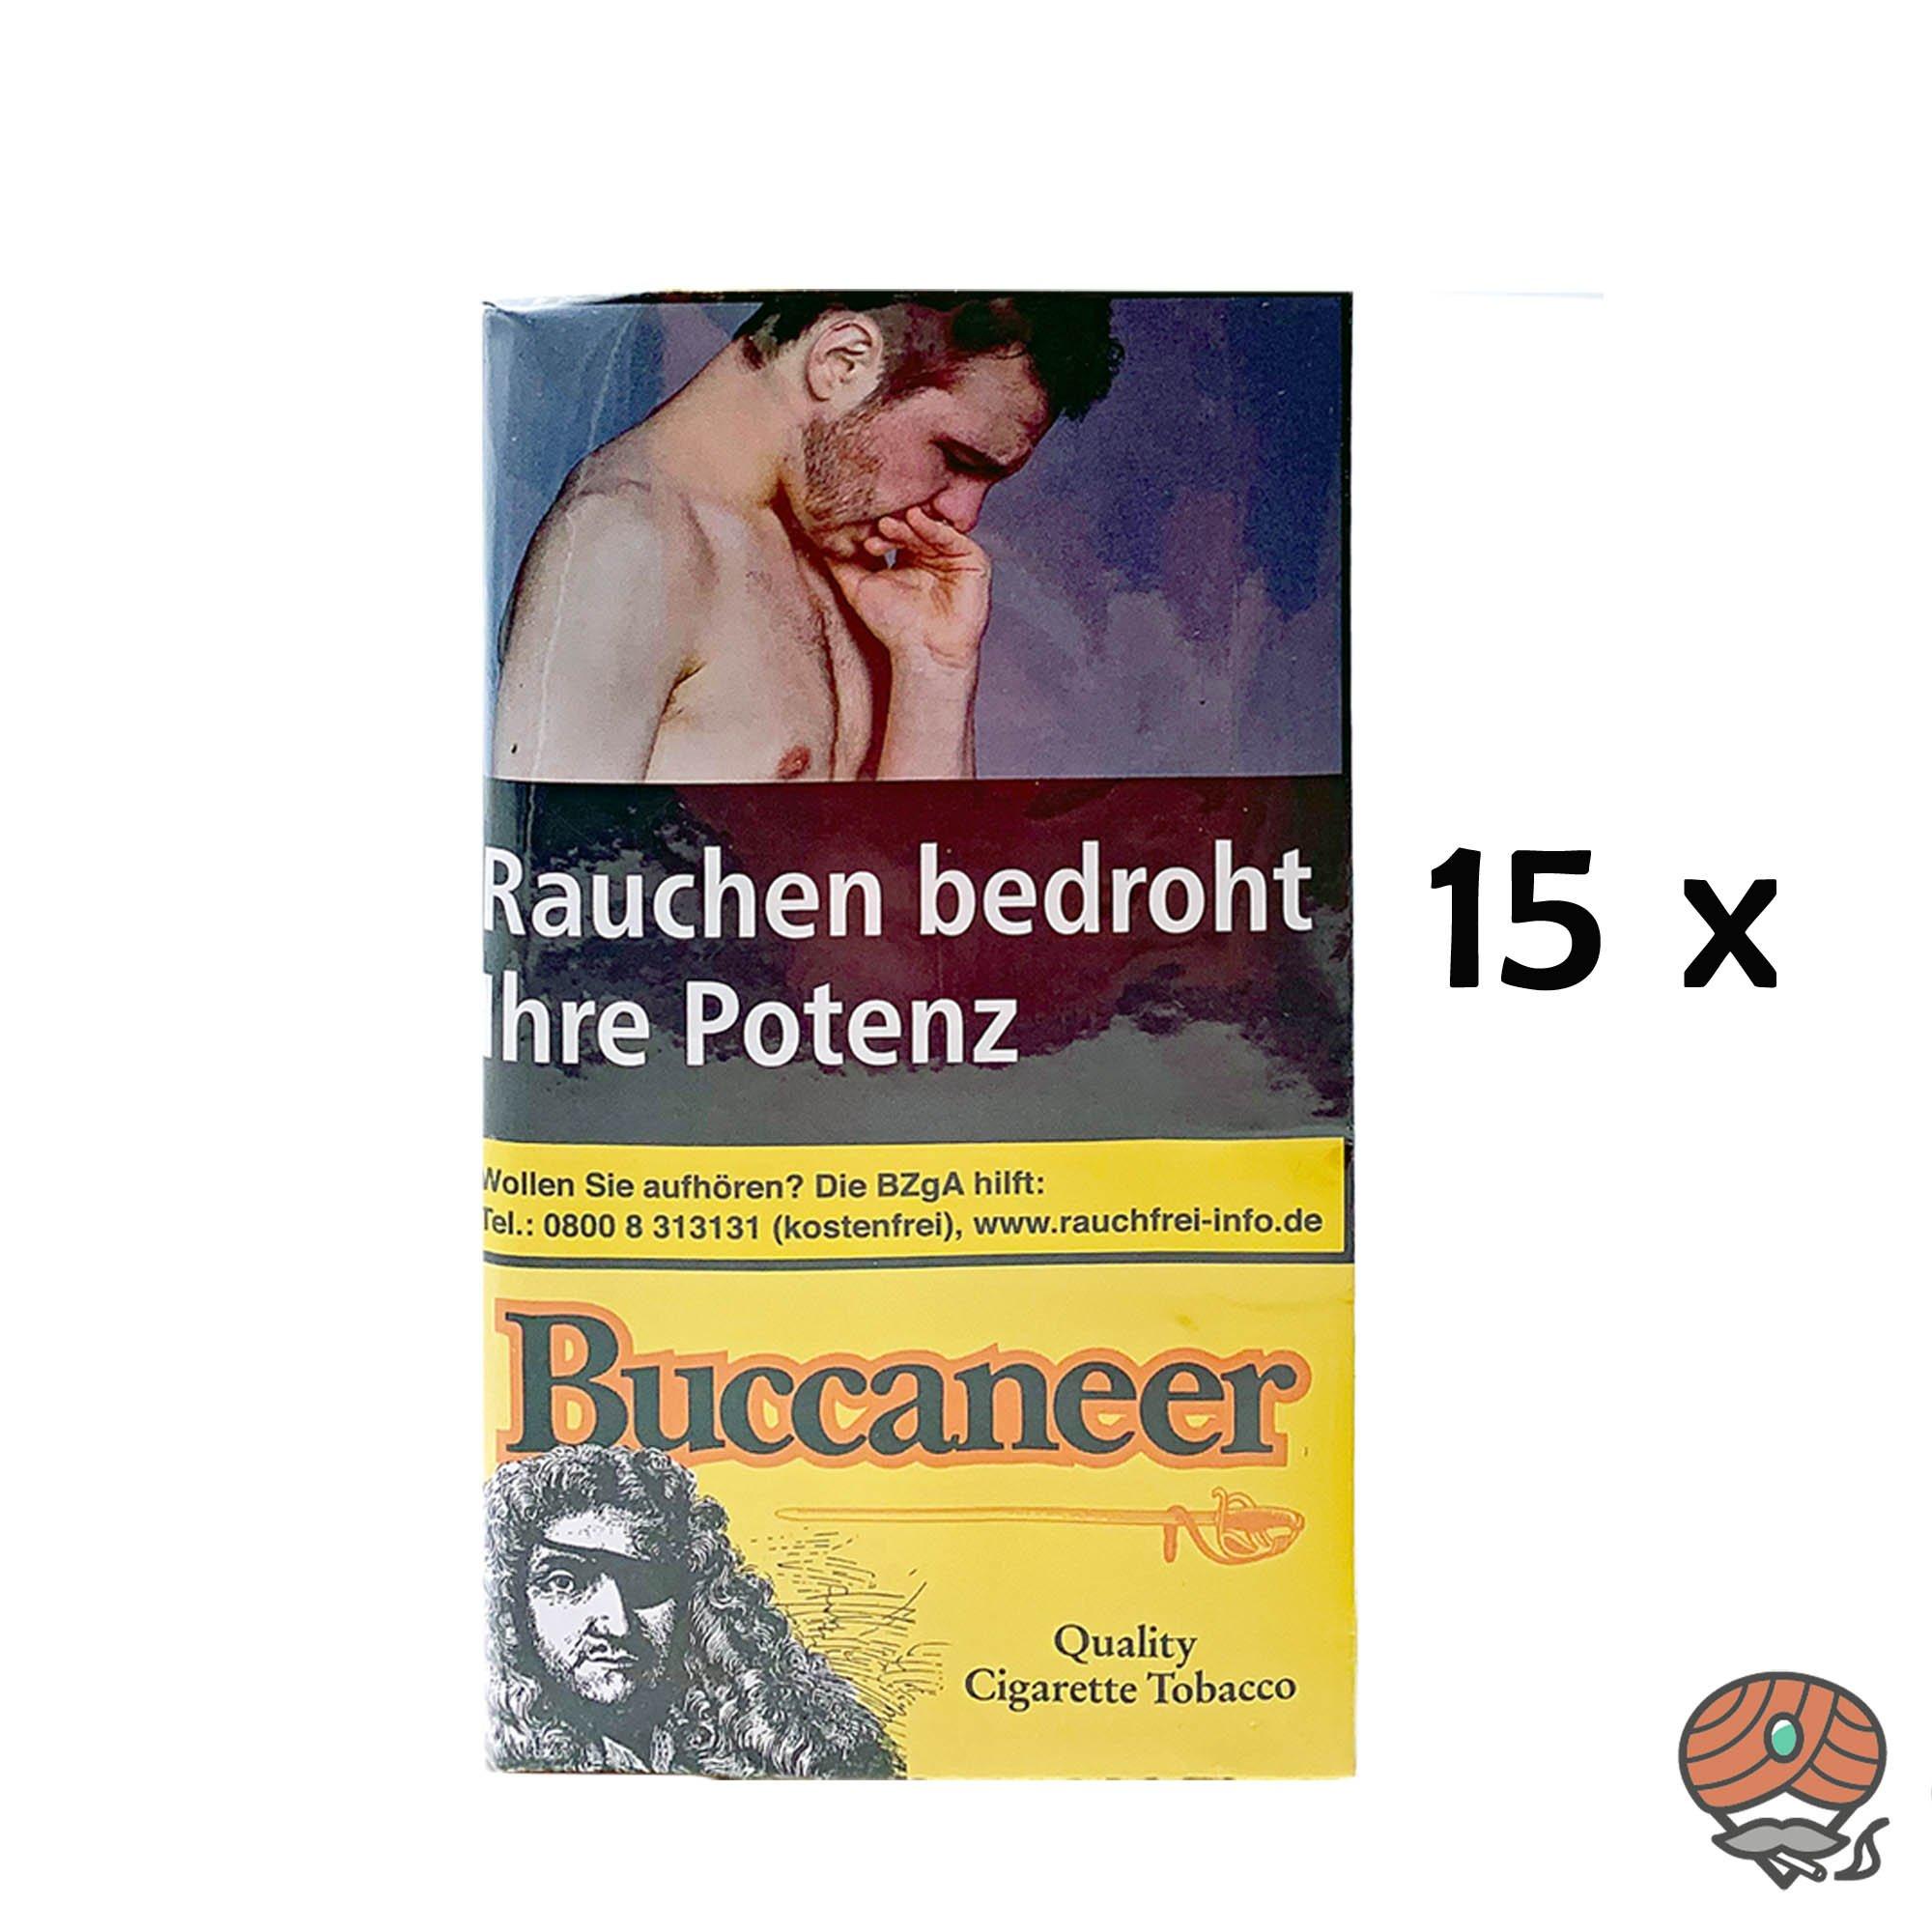 15 x Buccaneer Drehtabak / Feinschnitttabak Whisky Aroma